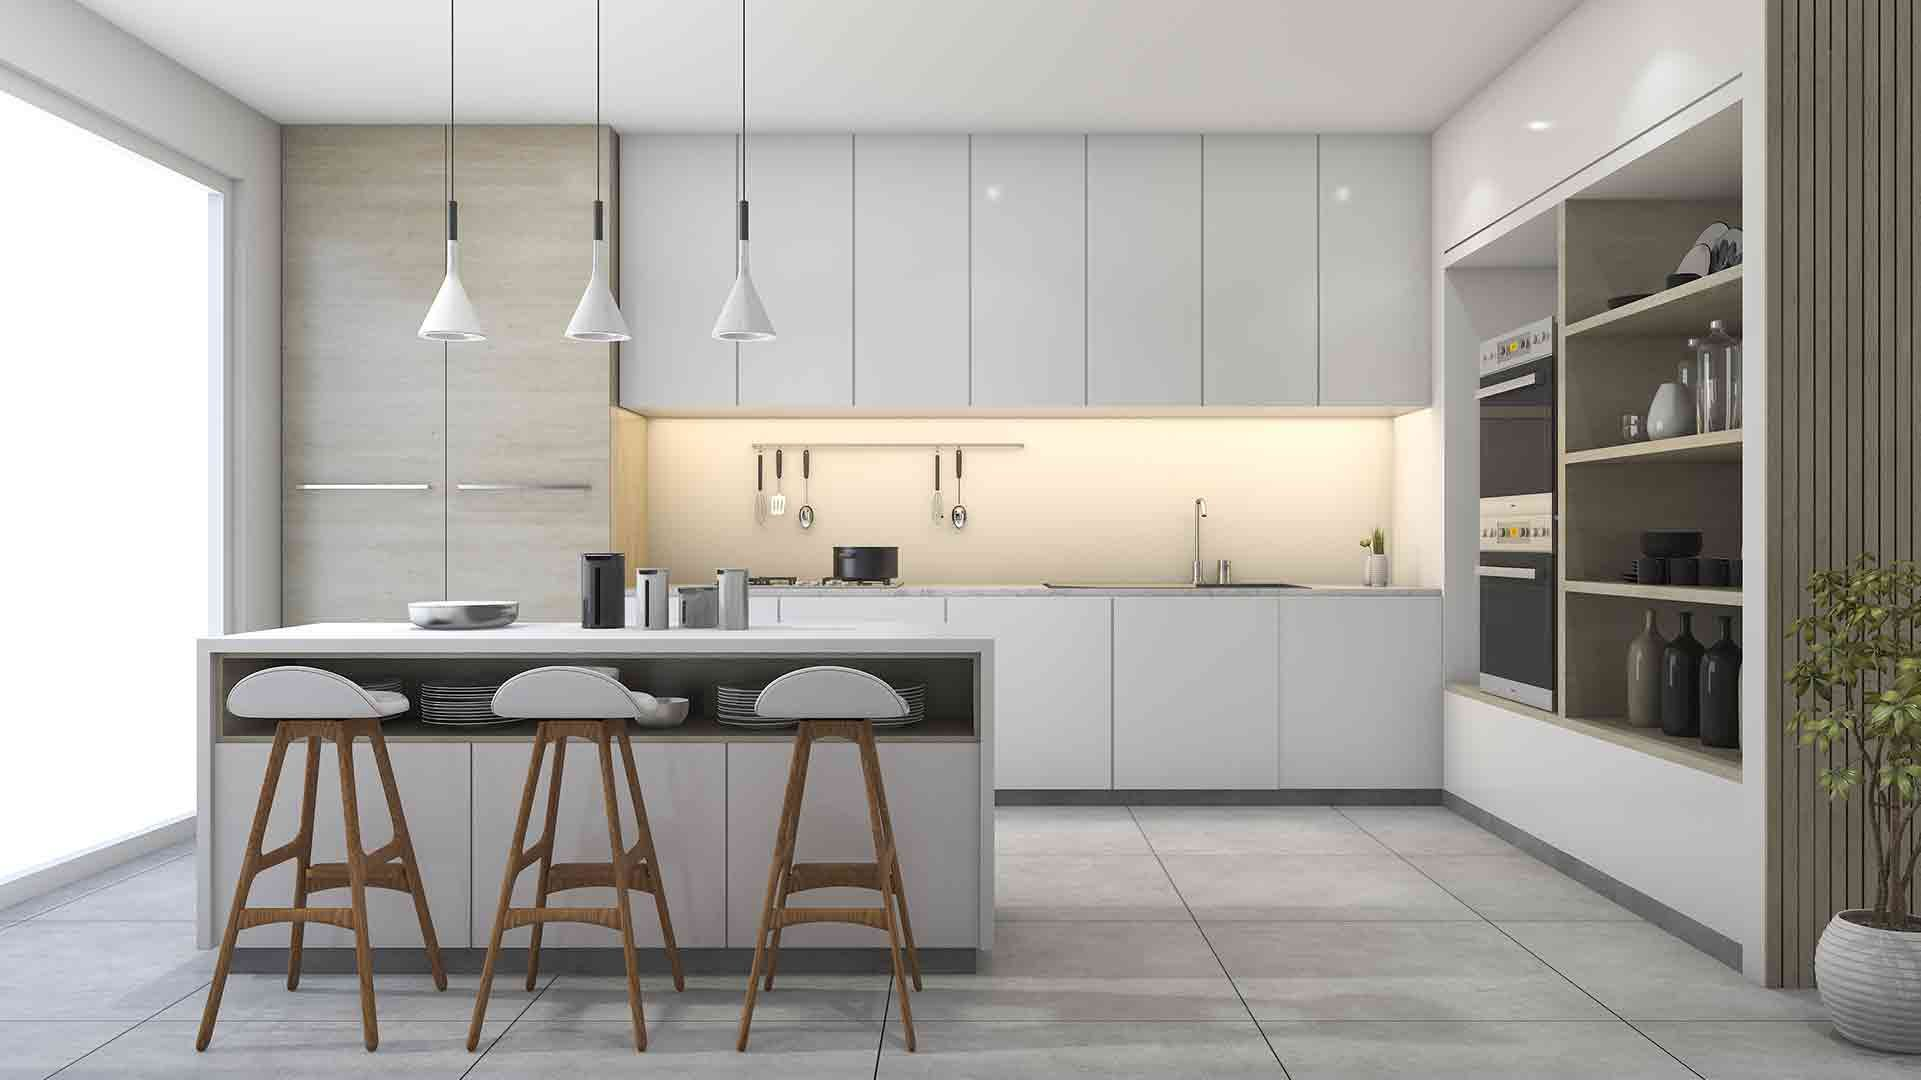 Angielski W Kuchni Minimalist Kitchen Design Minimalist Kitchen Interiors Interior Design Kitchen